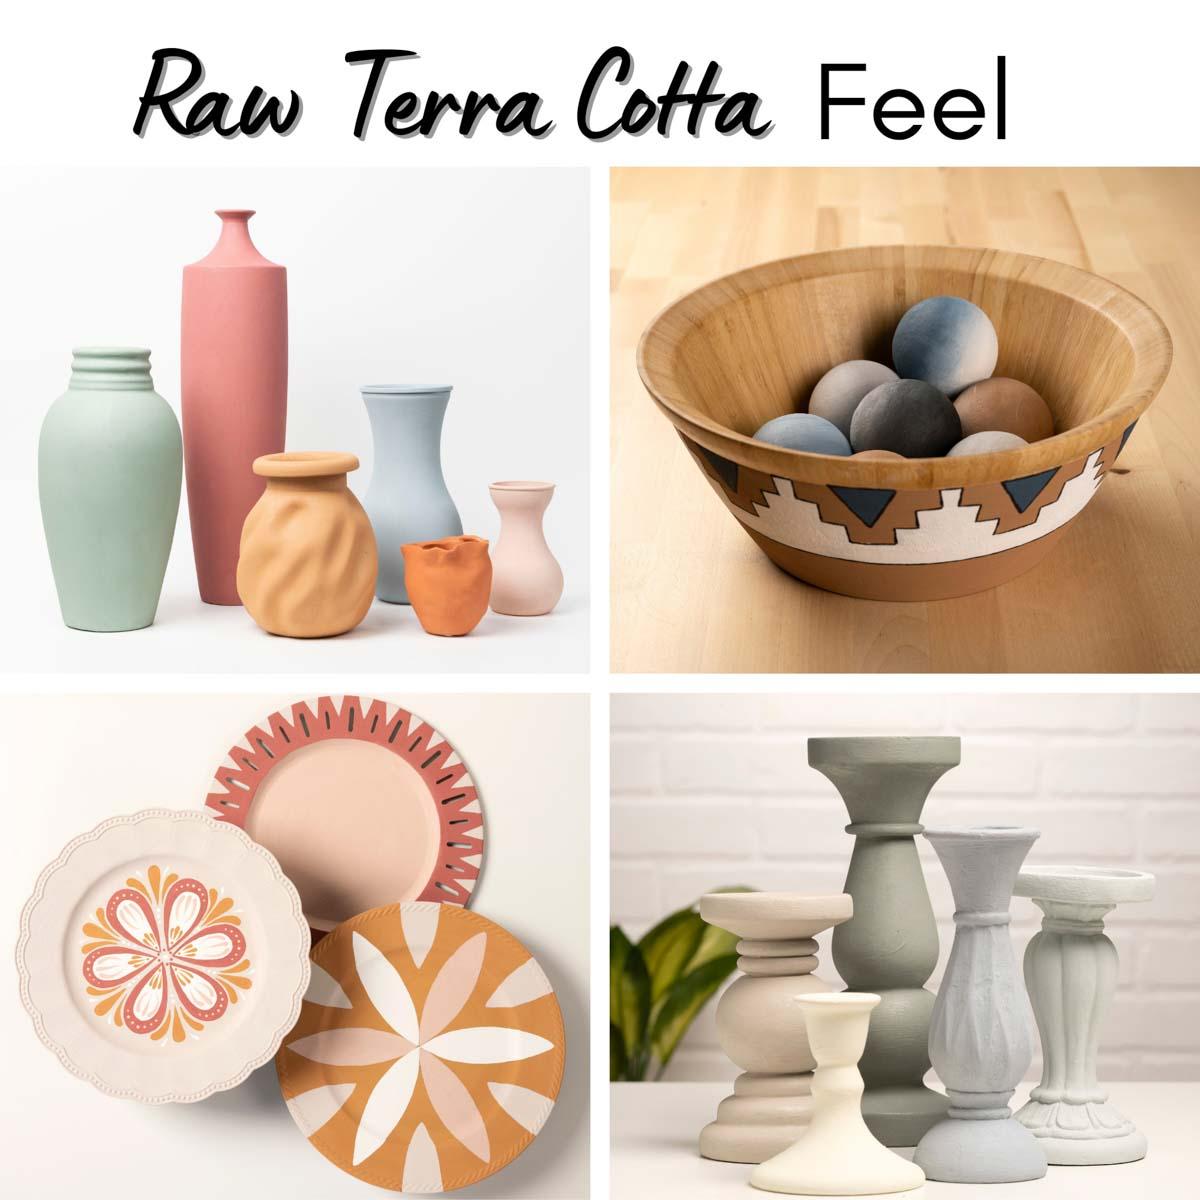 FolkArt ® Terra Cotta™ Acrylic Paint Set - Sun-baked, 5 pcs. - 44507